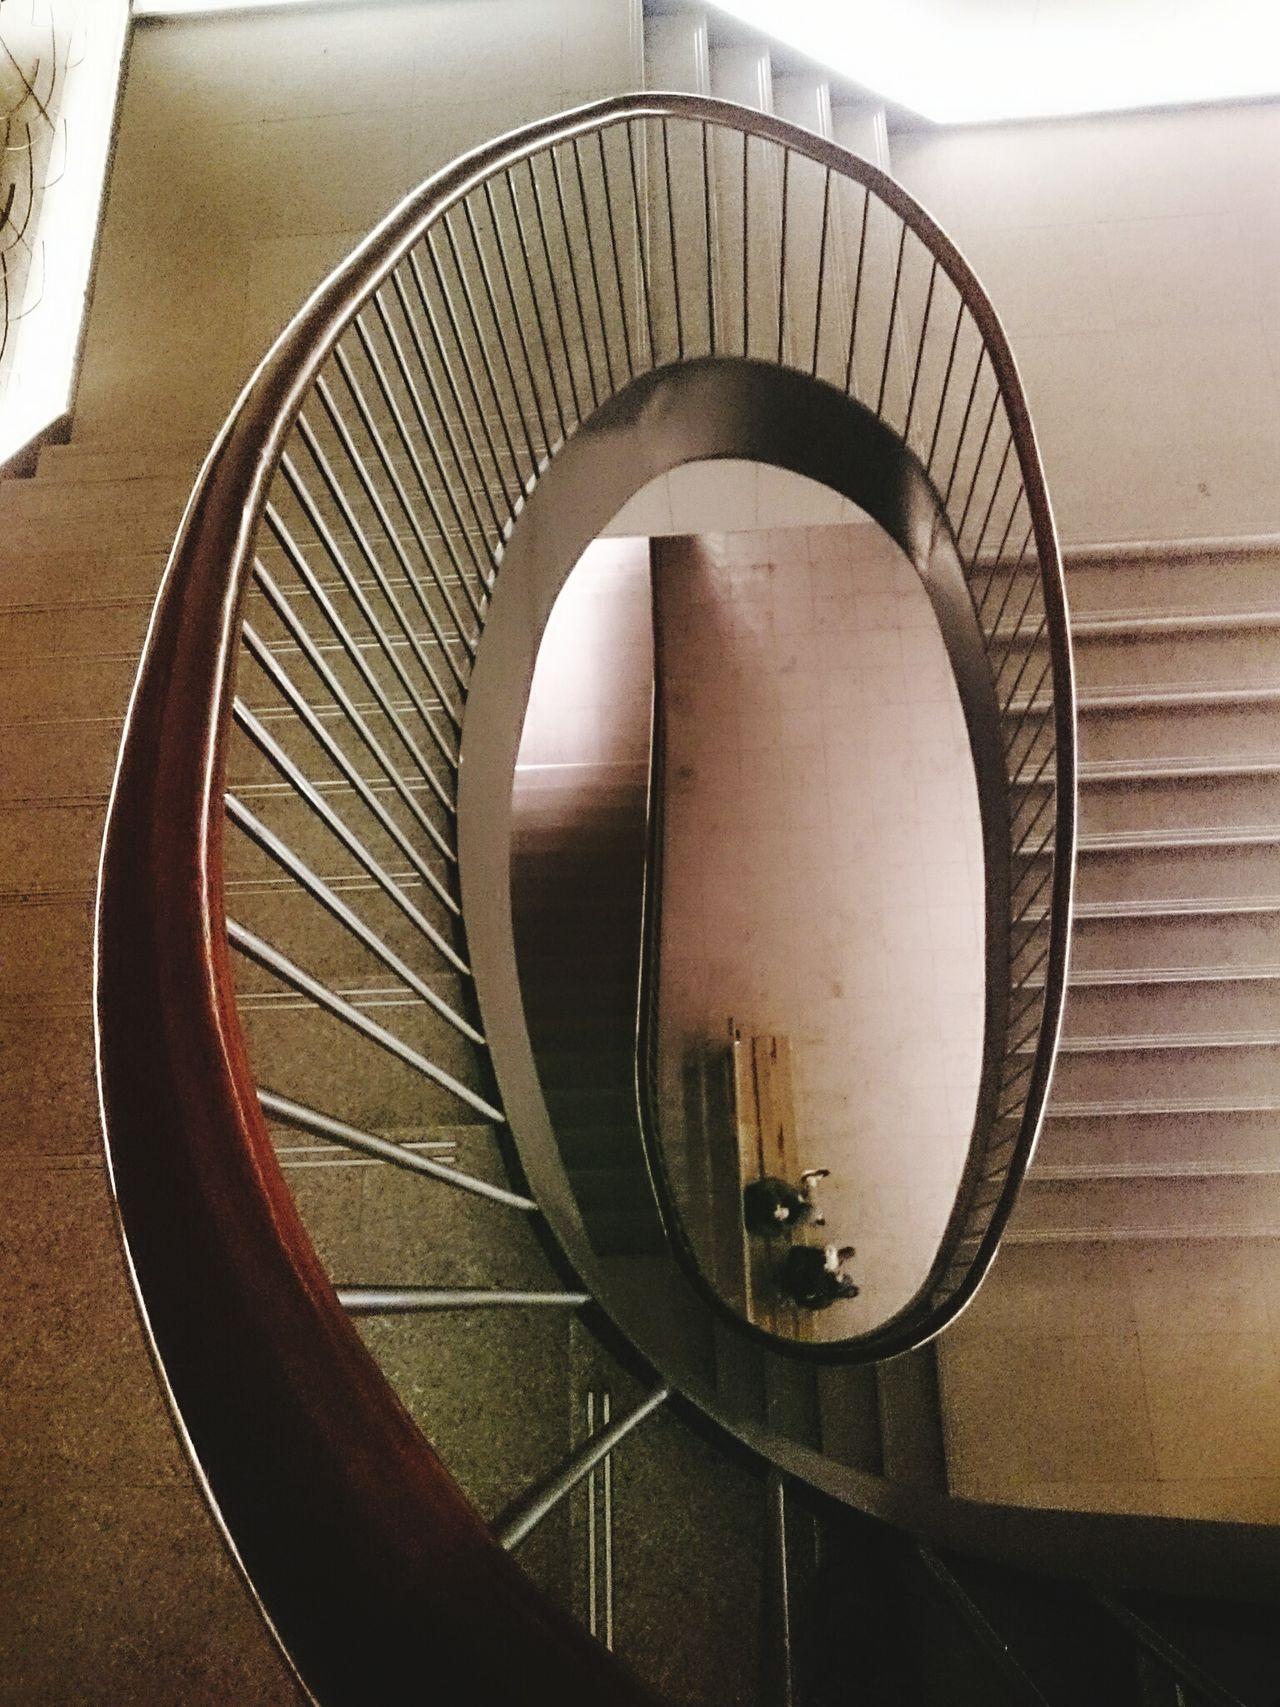 樓梯間 EyeEmNewHere Indoors  Staircase Architecture Spiral Staircase Steps And Staircases No People Built Structure